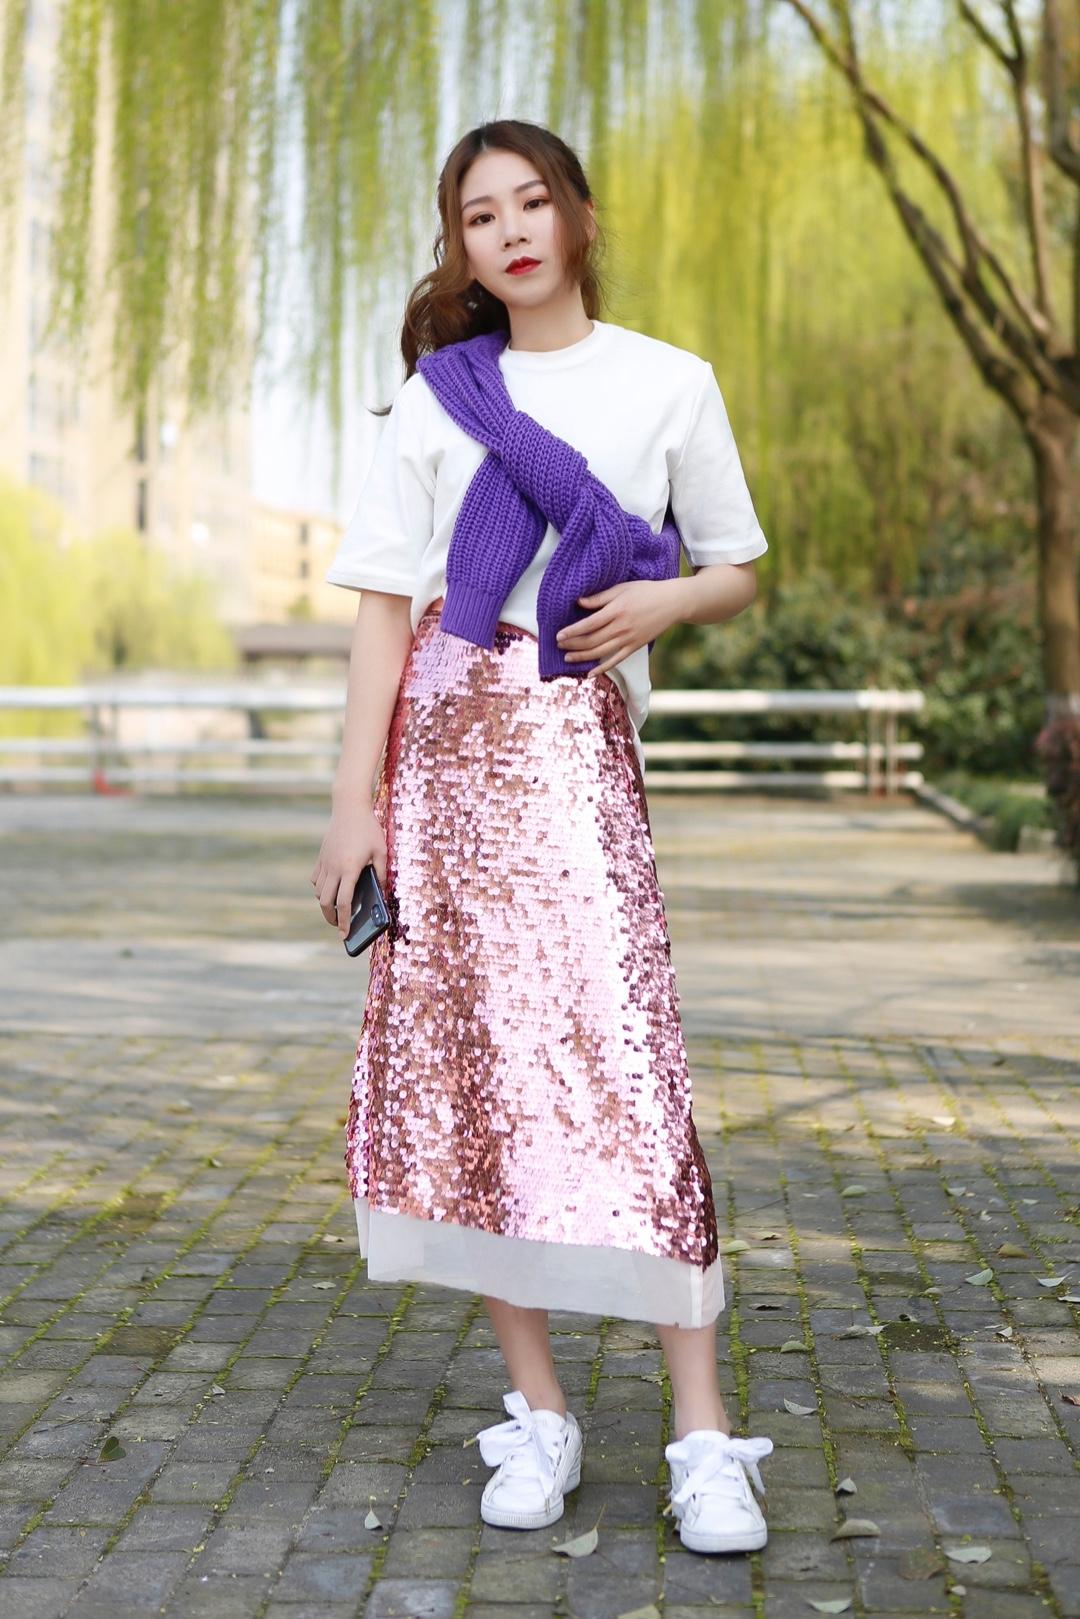 #春天色彩感和阳光很衬!# 杭州下周要30度 短袖可以找出来了~ 早晚温差大还是要带件针织 白天系在身上就ok 亮片裙~你不赚够回头率还有谁~! 粉紫搭配今年流行色代表哦